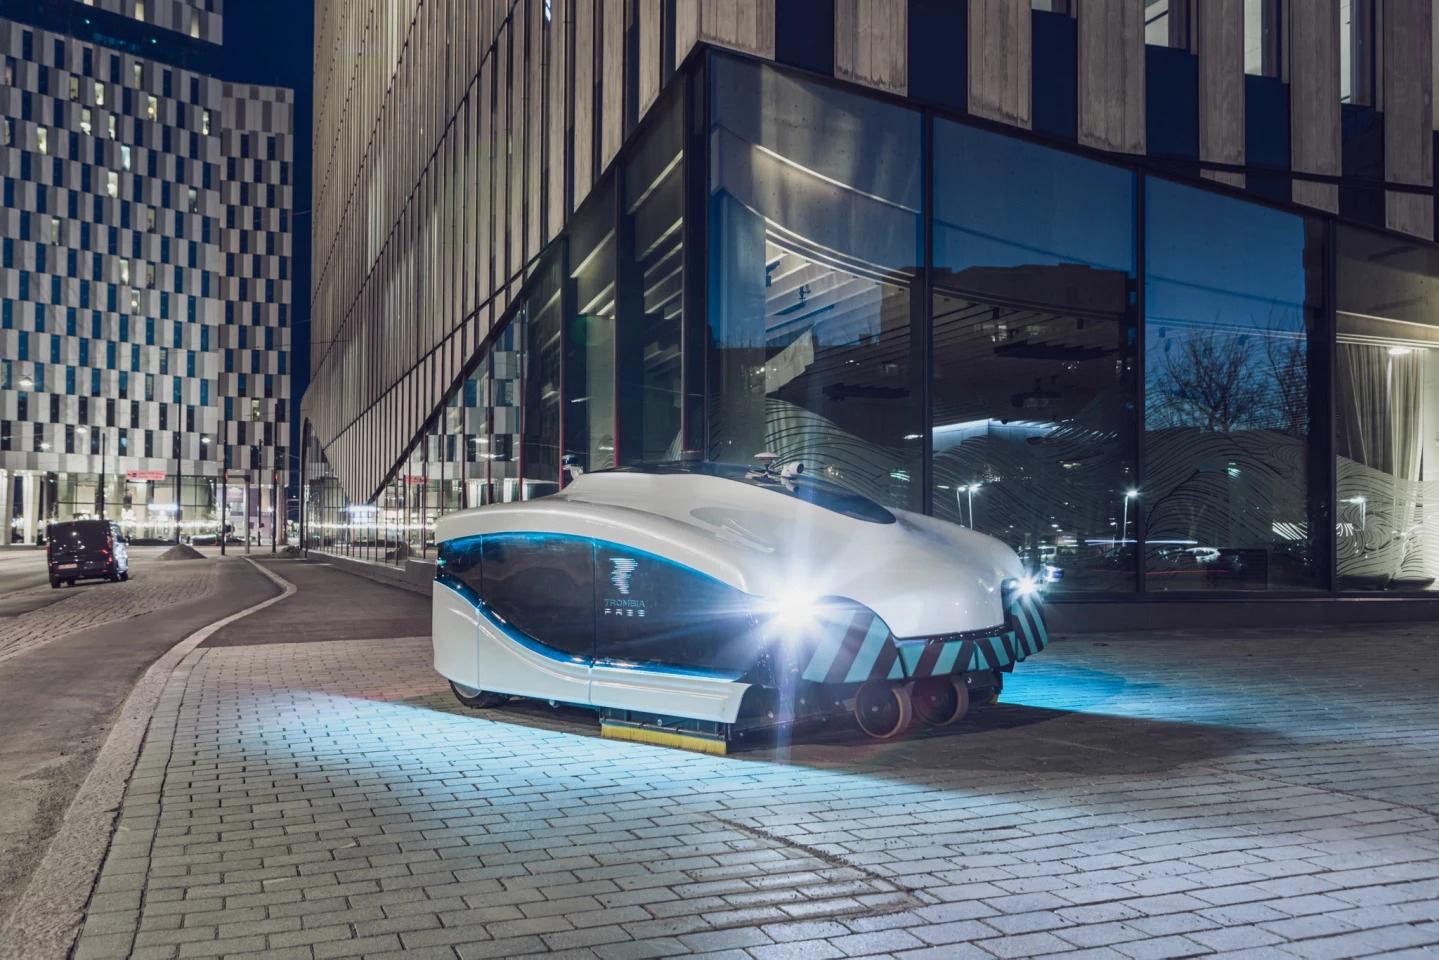 Trombia Free - Xe quét tự hành dọn dẹp đường phố vào ban đêm - Ảnh 2.